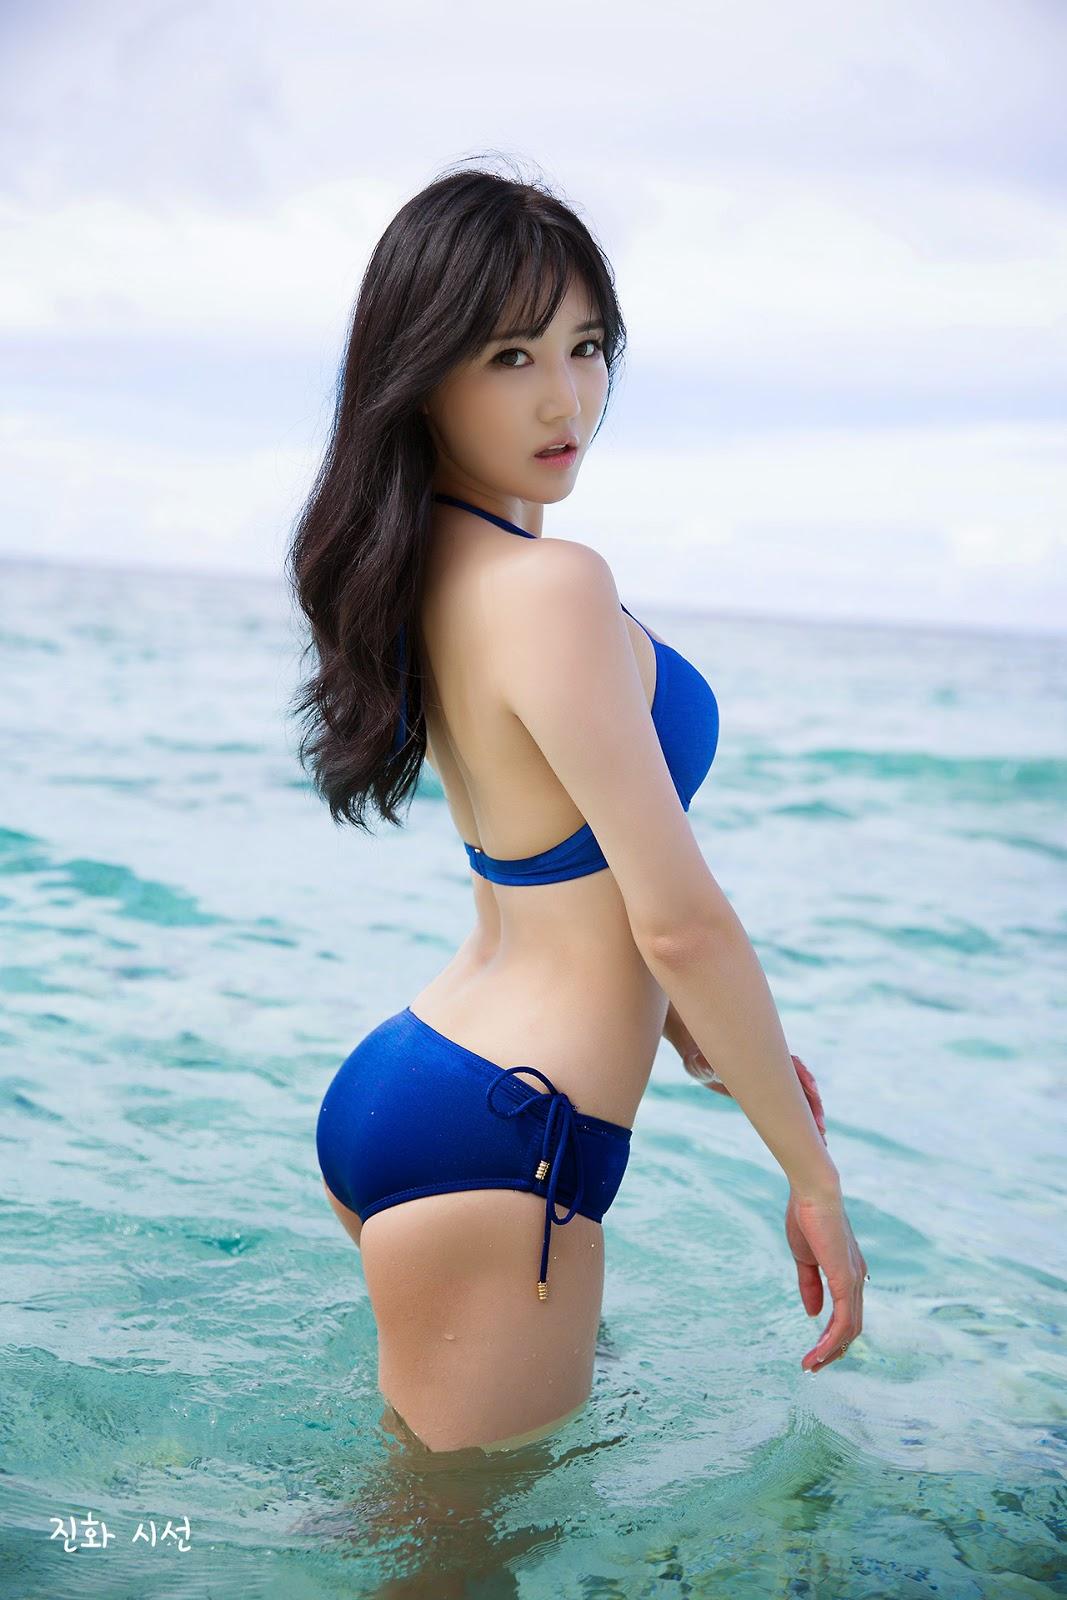 Han Ga Eun Sexy Beach Body